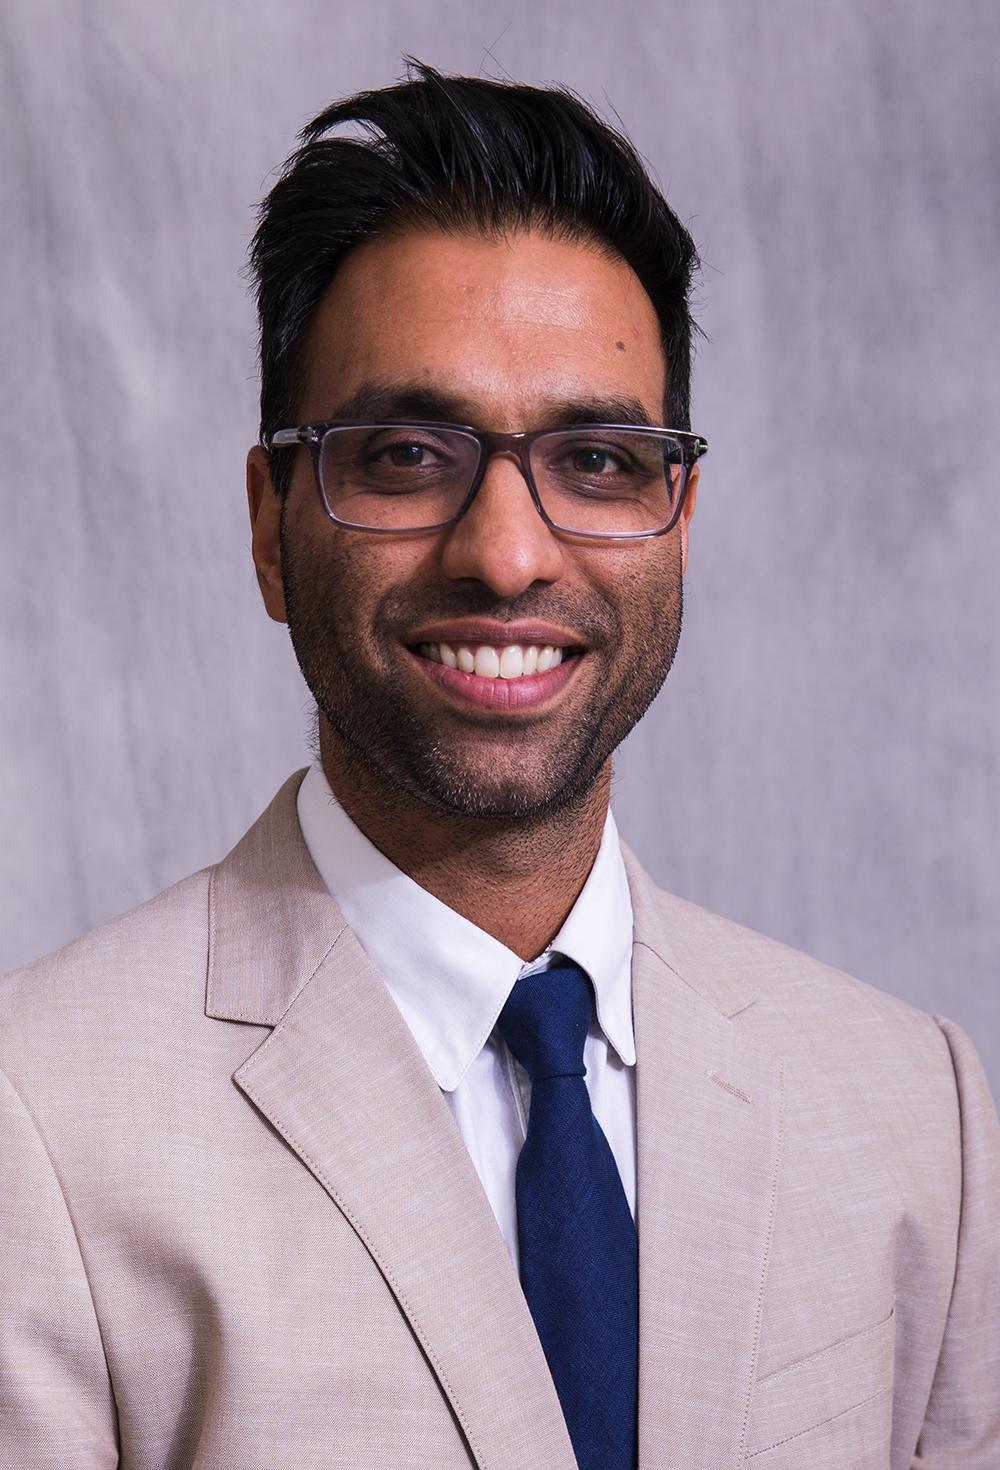 Kandarp R. Patel Headshot